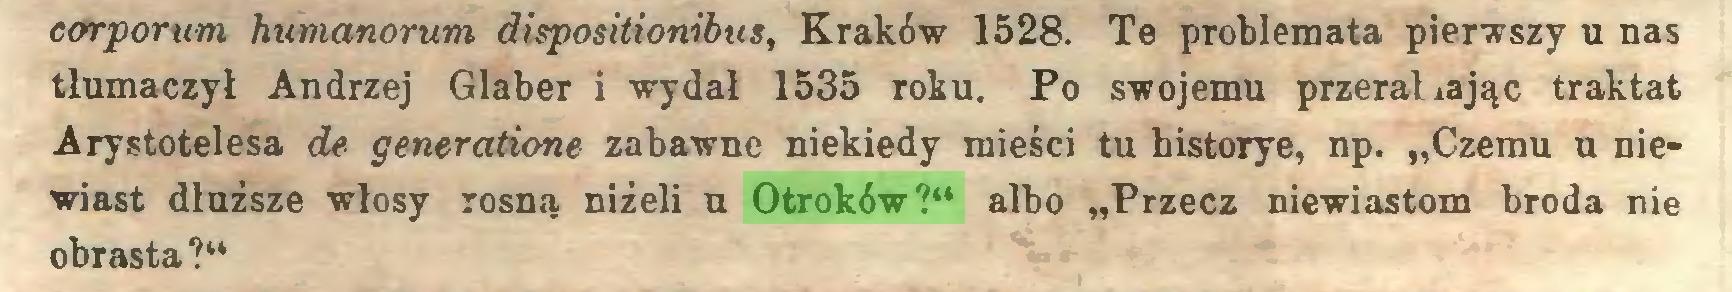 """(...) eorporum humanorum dispositionibus, Kraków 1528. Te problemata pierwszy u nas tłumaczył Andrzej Glaber i wydał 1535 roku. Po swojemu przerażając traktat Arystotelesa de generatione zabawne niekiedy mieści tu historye, np. """"Czemu u niewiast dłuższe włosy rosną niżeli u Otroków?"""" albo """"Przecz niewiastom broda nie obrasta?""""..."""